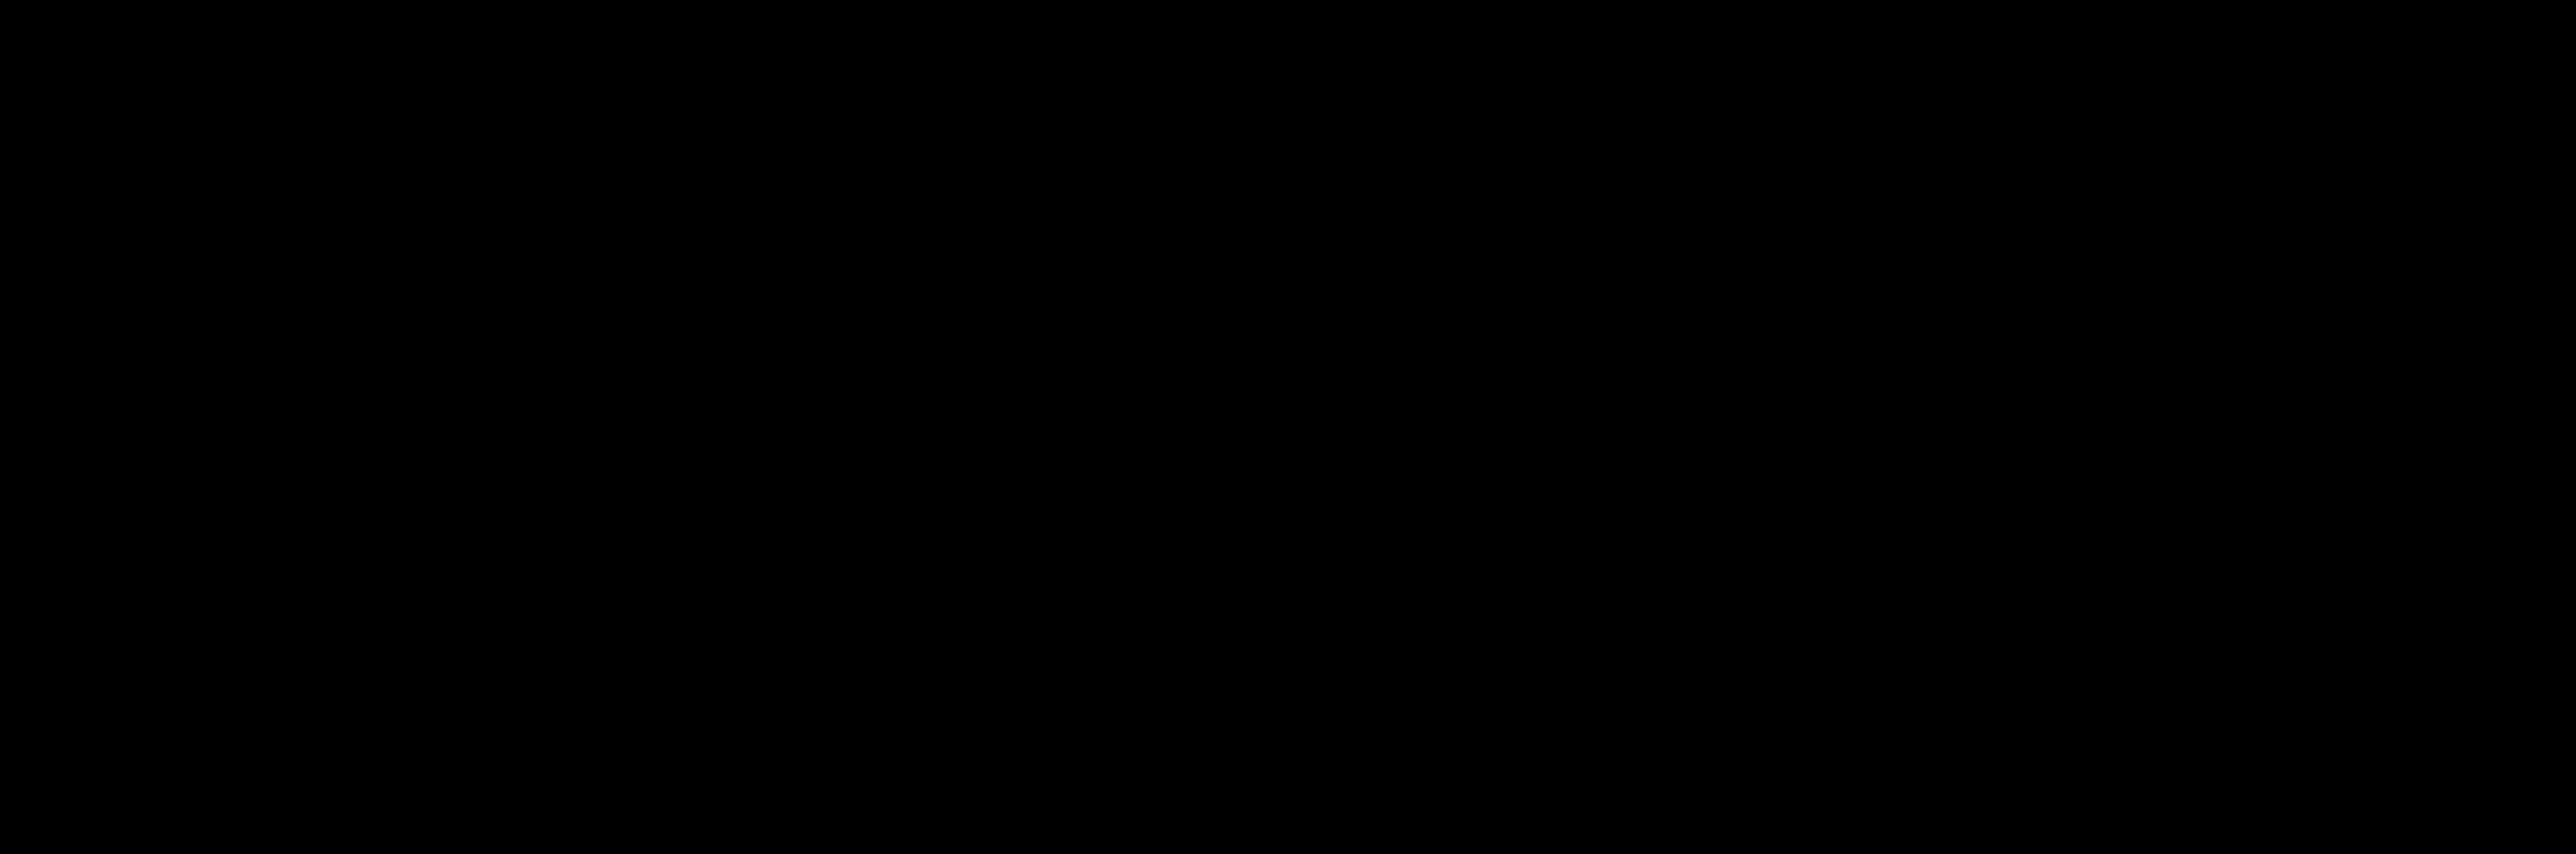 Meeresfeeling.de